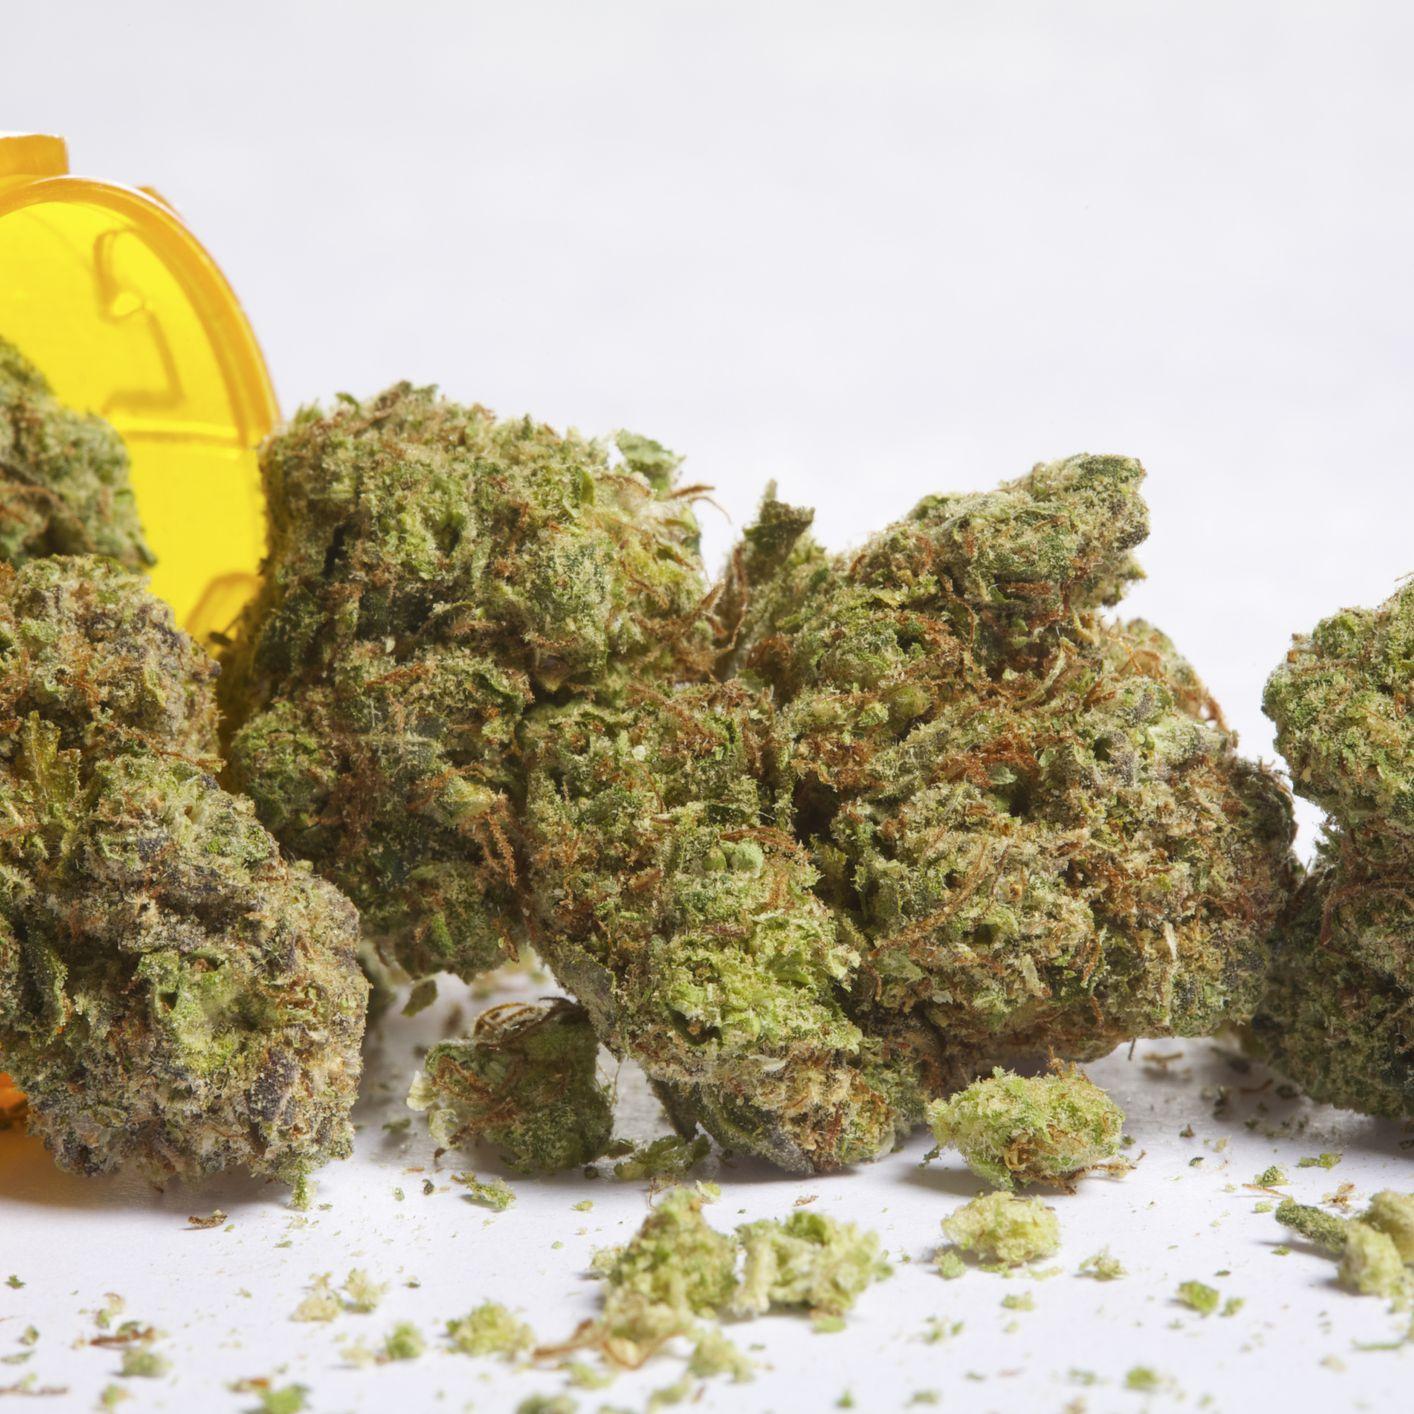 Marinol or Marijuana for Medicinal Use